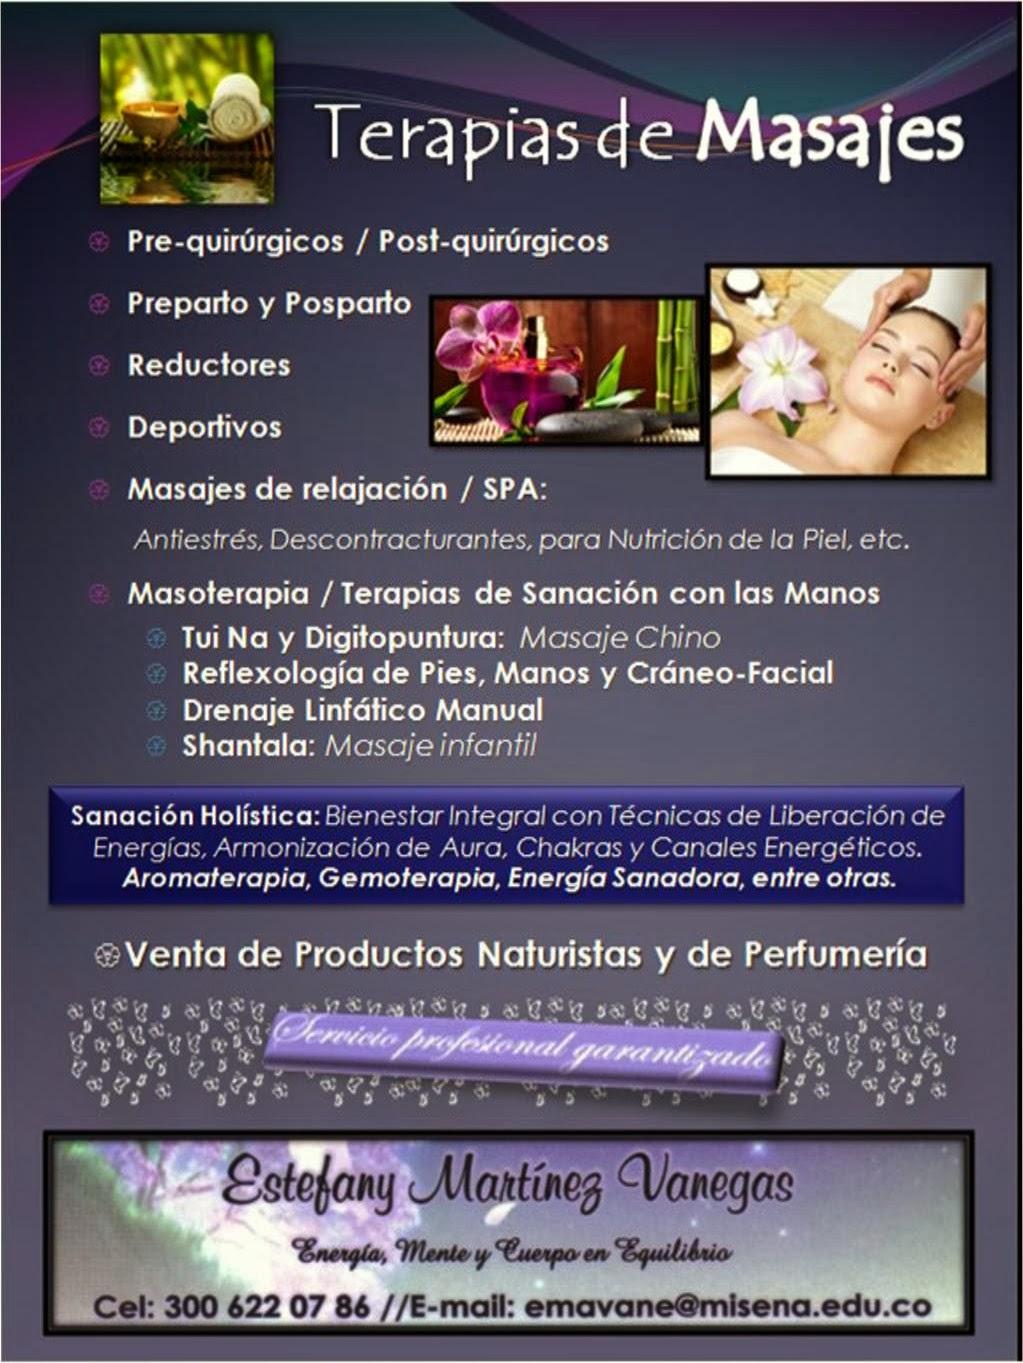 Descripción de Servicios: Terapias de masajes en Medellín, Envigado y Area Metropolitana